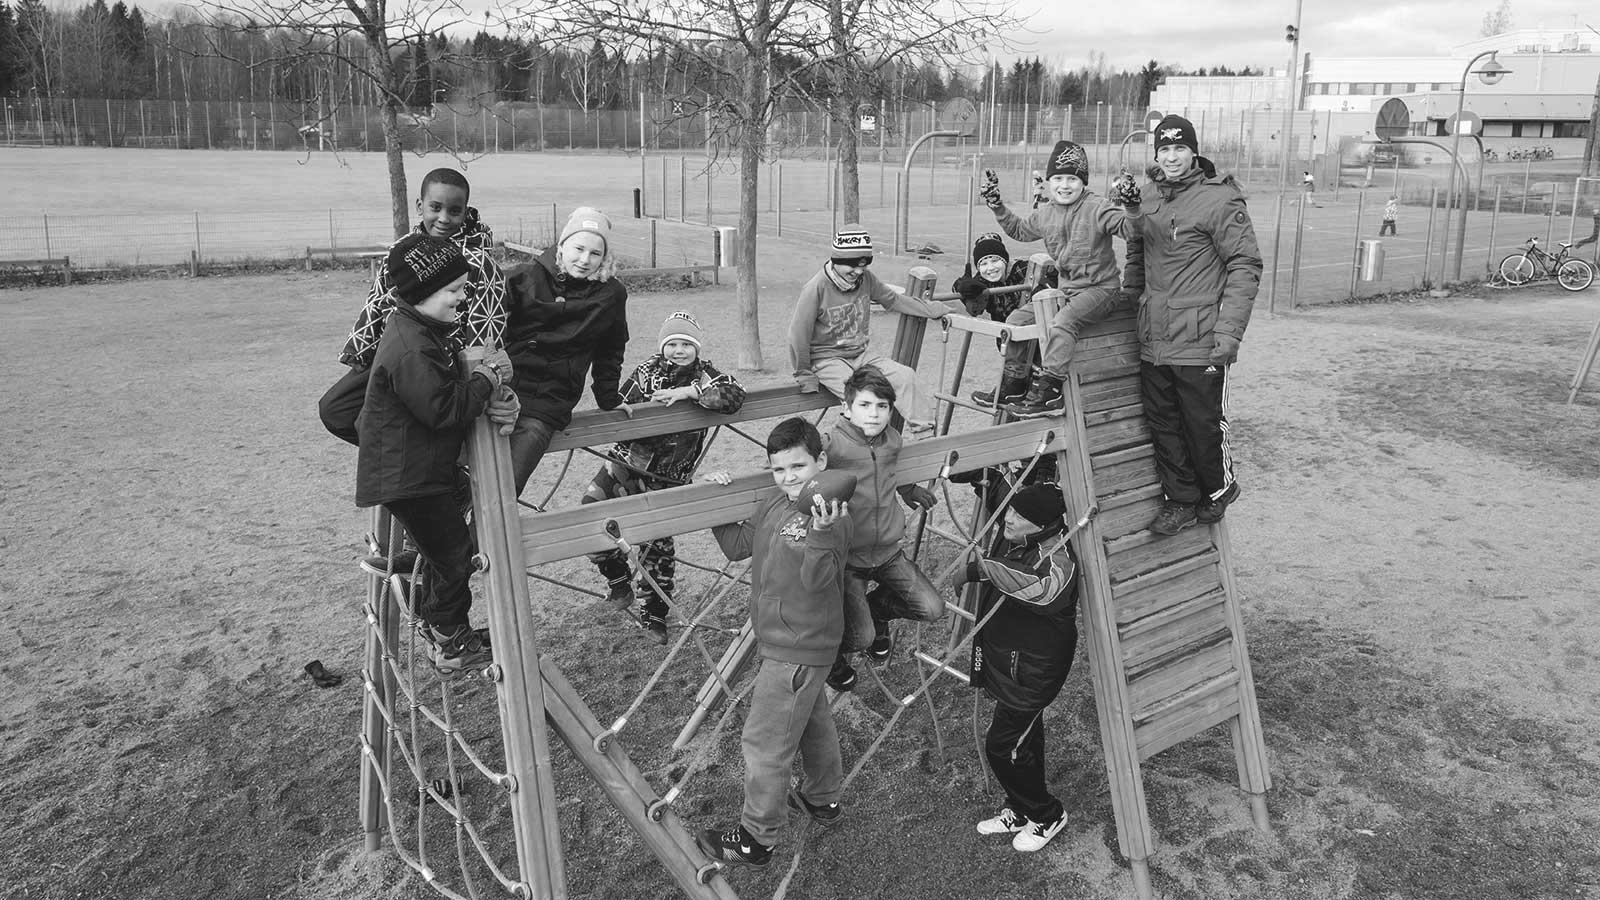 Icehearts-joukkue koulun pihalla kiipeilytelineessä